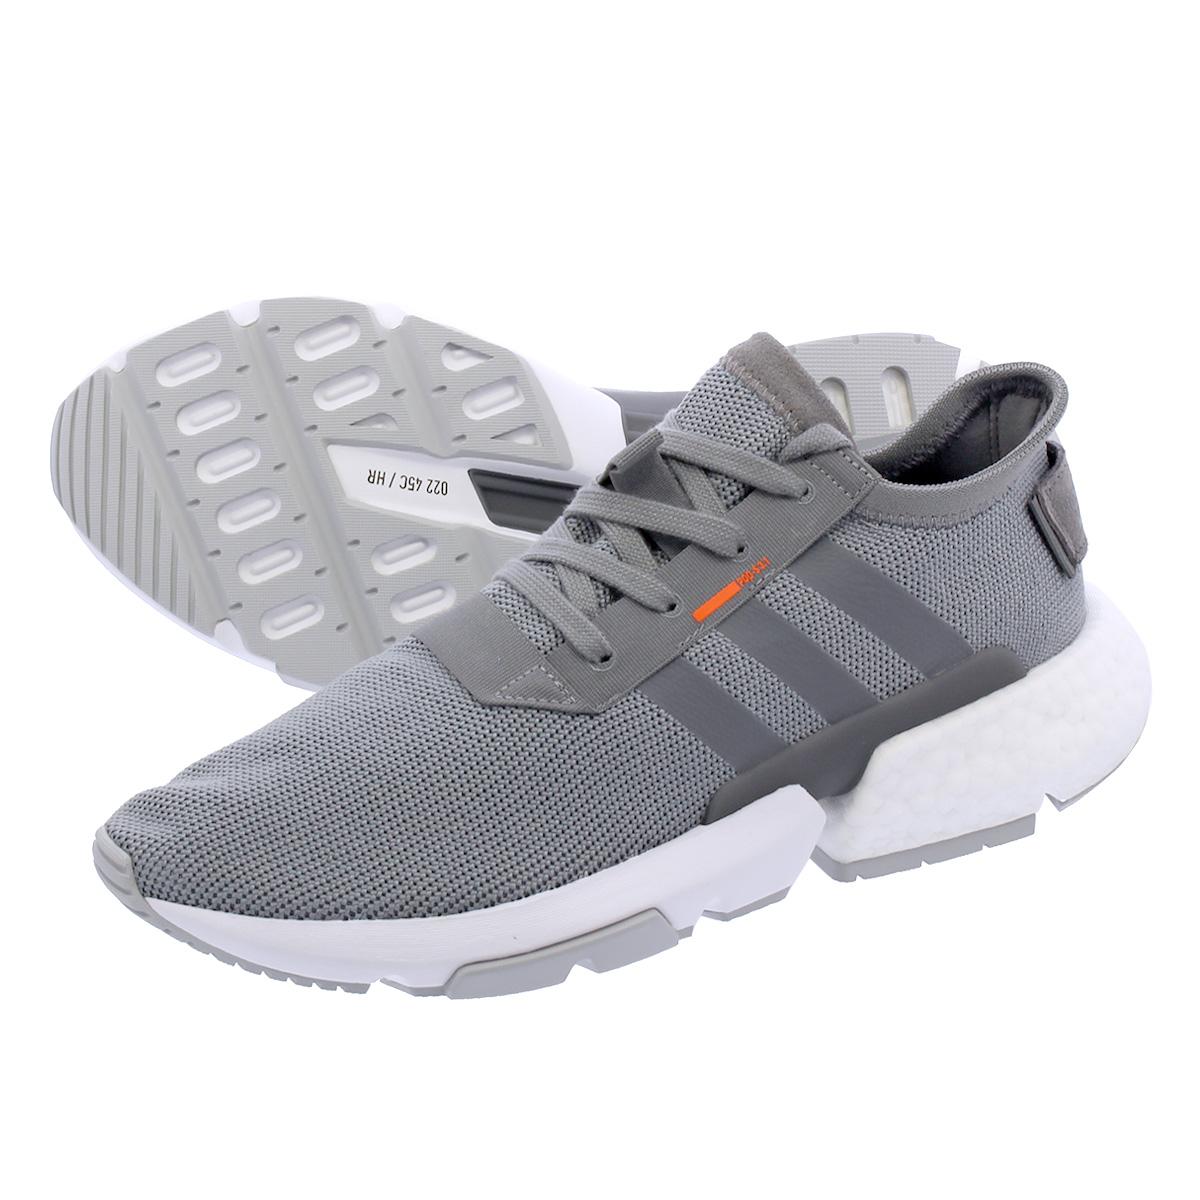 dc5b1c232751 adidas POD-S3.1 Adidas POD-S3.1 GREY THREE GREY THREE SOLAR ORANGE b37365